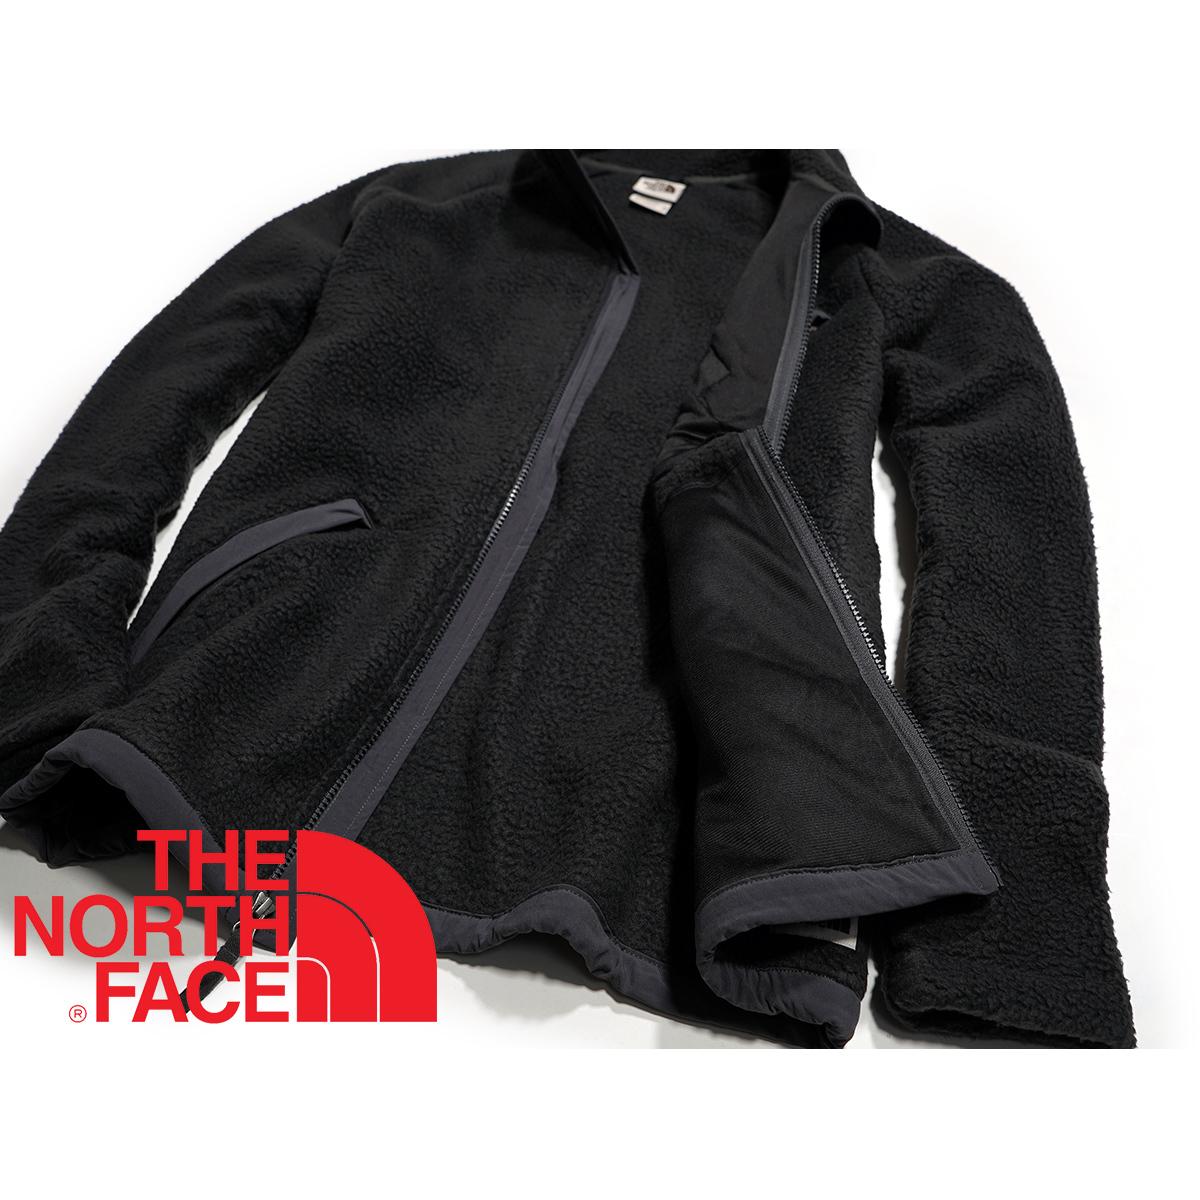 【新品本物 USA購入】THE NORTH FACE ノースフェイス ■ Cragmont Fleece ■ ブラック / L ■シェルパ フリースジャケット 海外限定_画像8